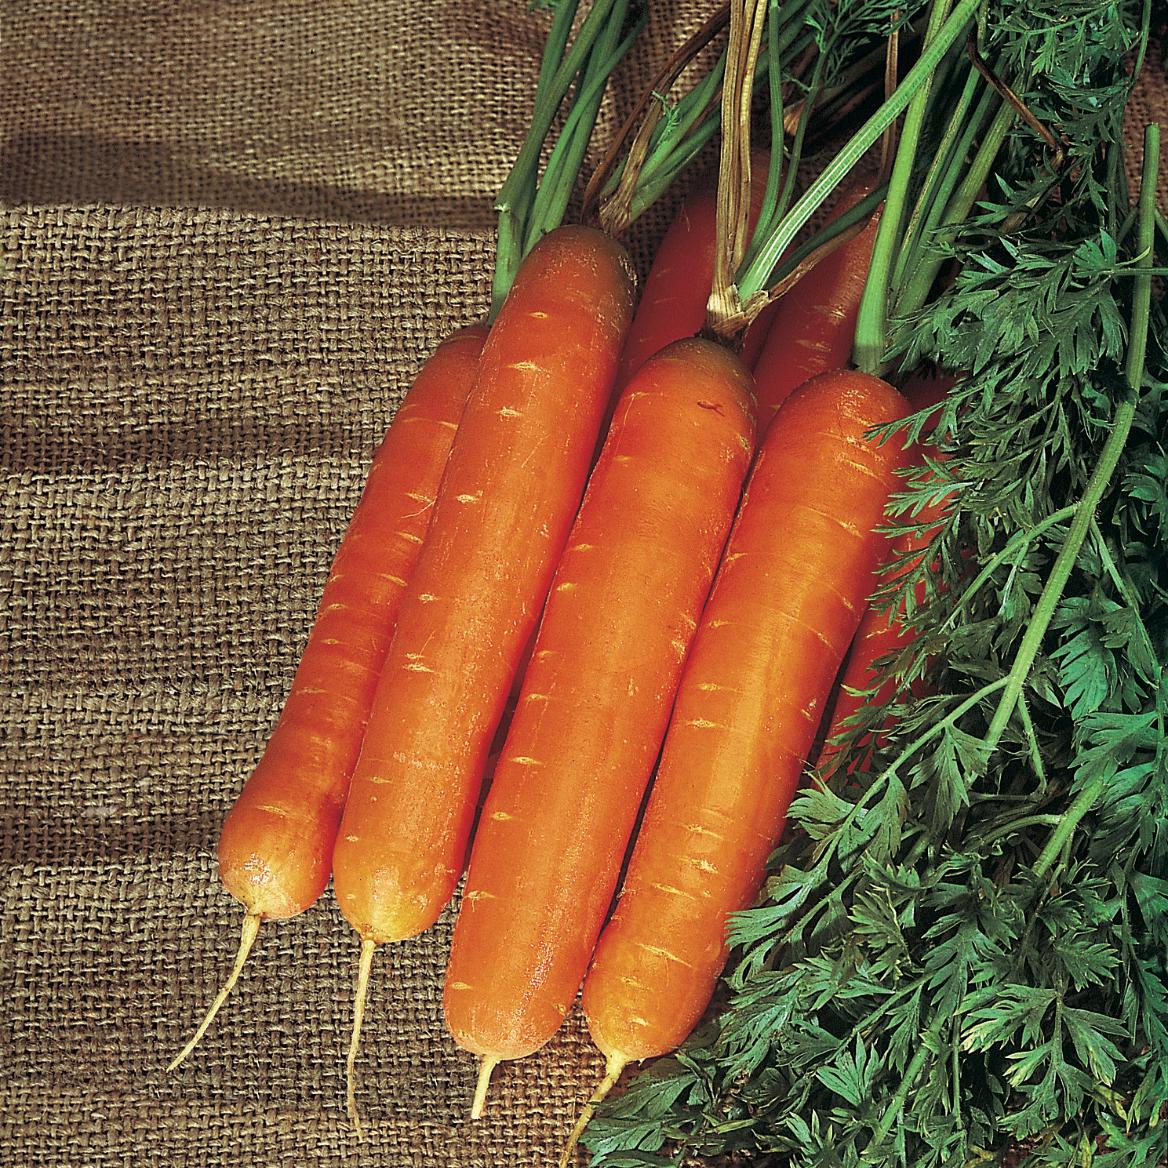 морковьБЕРЛИКУМ